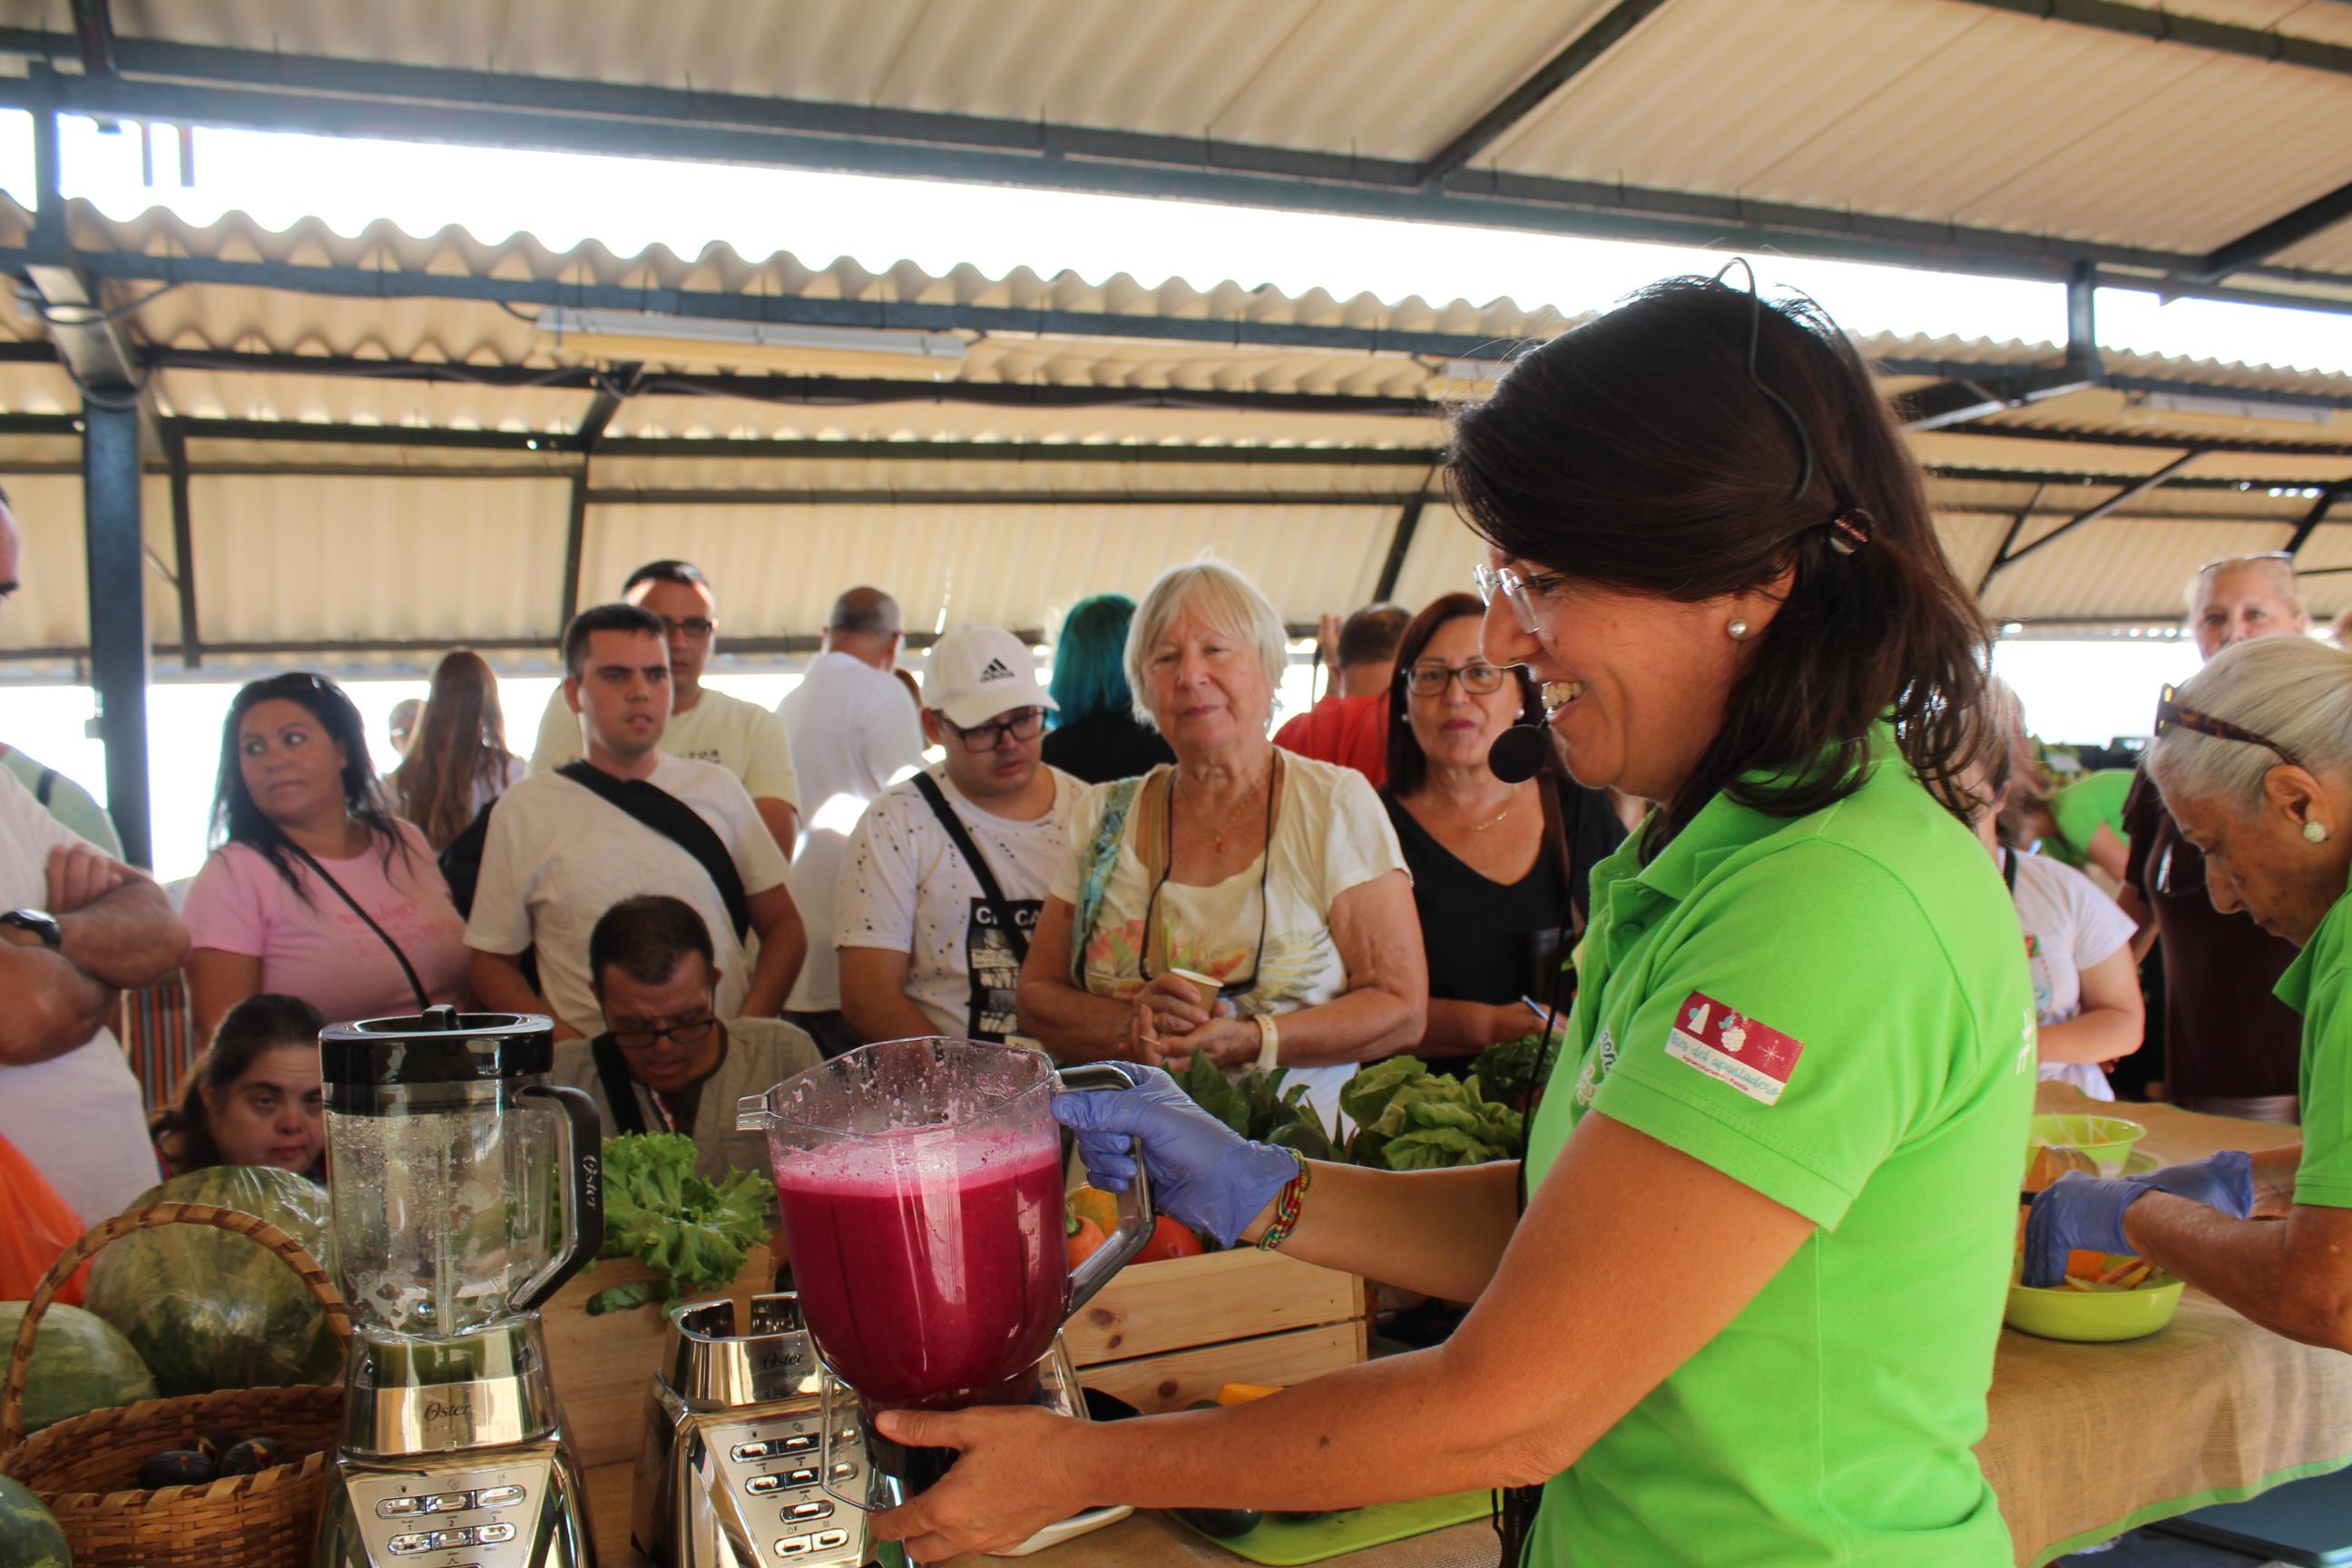 El Mercado del Agricultor de la Villa de Candelaria vive un miércoles saludable con pinchitos y zumos verdes